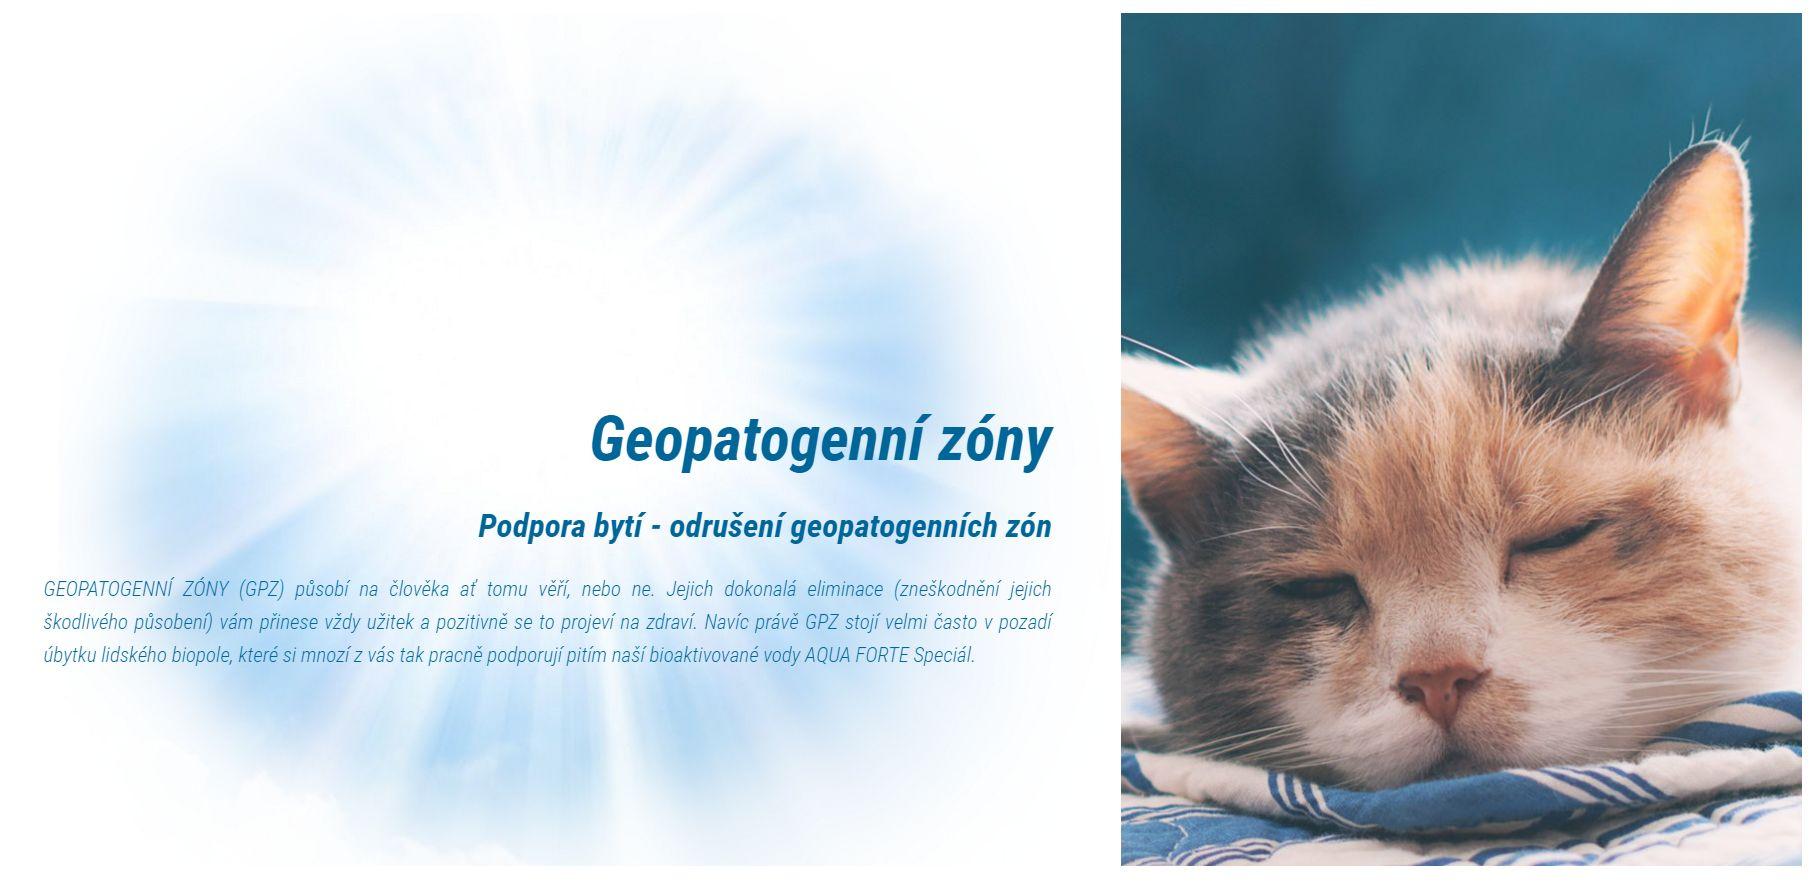 odrušení geopatogenních zón